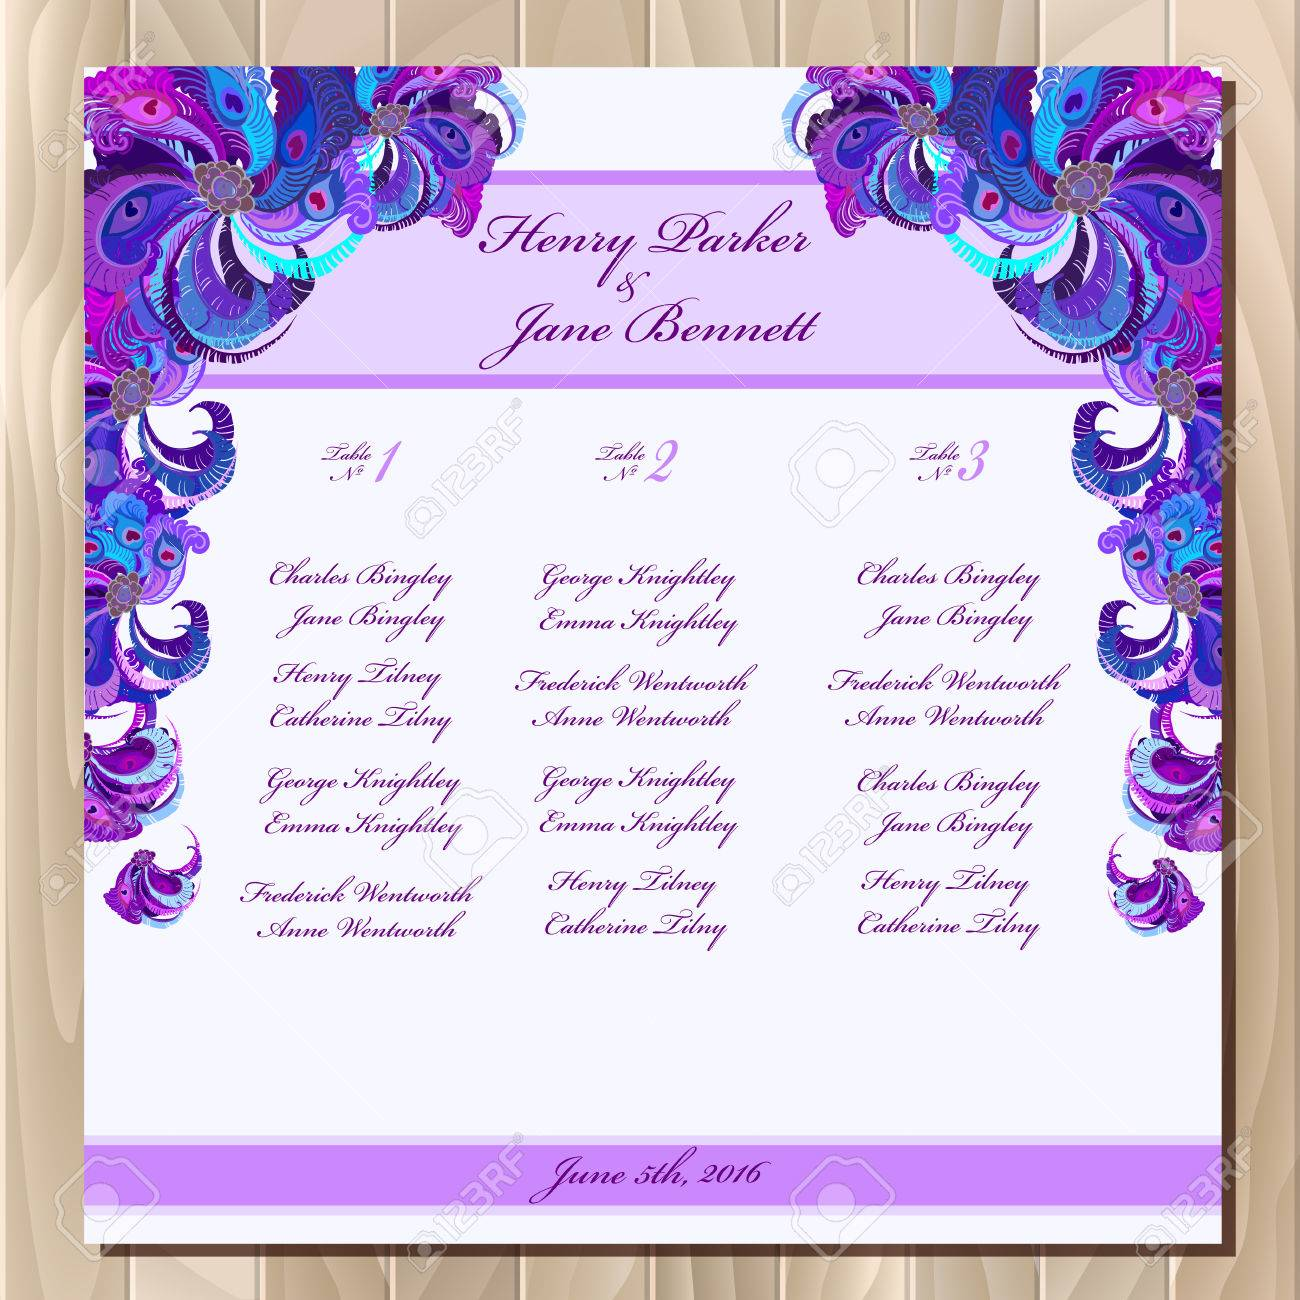 Charmant Gästeliste Hochzeit Vorlage Bilder - Entry Level Resume ...